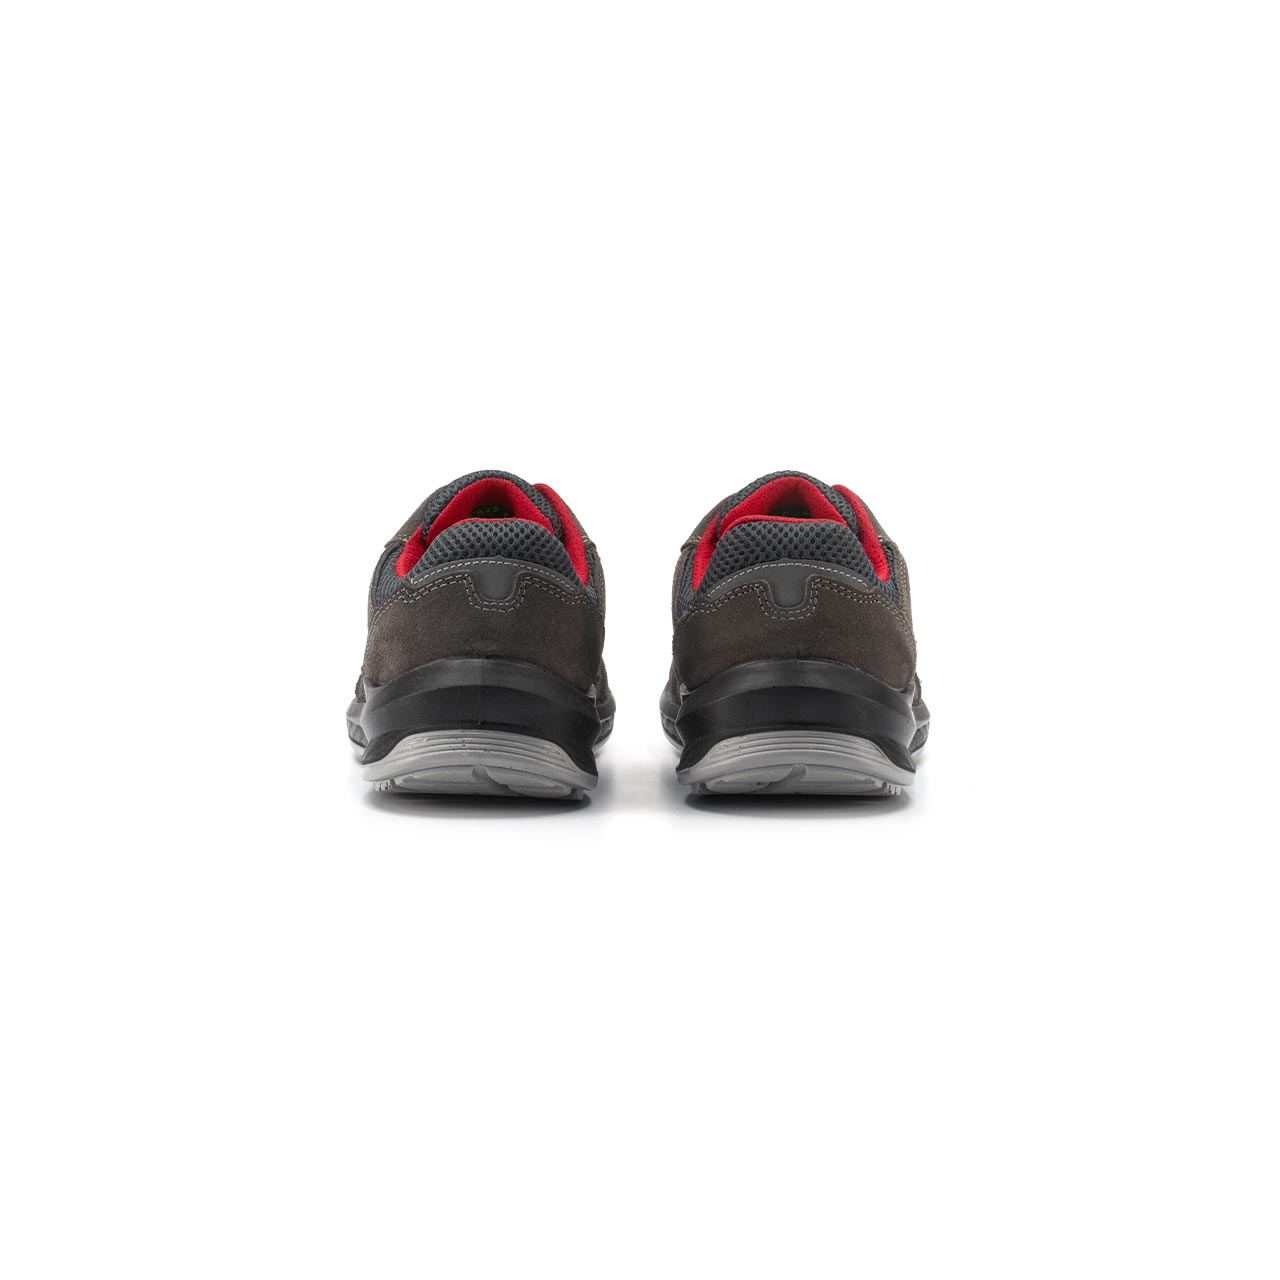 paio di scarpe antinfortunistiche upower modello radial linea redindustry vista retro